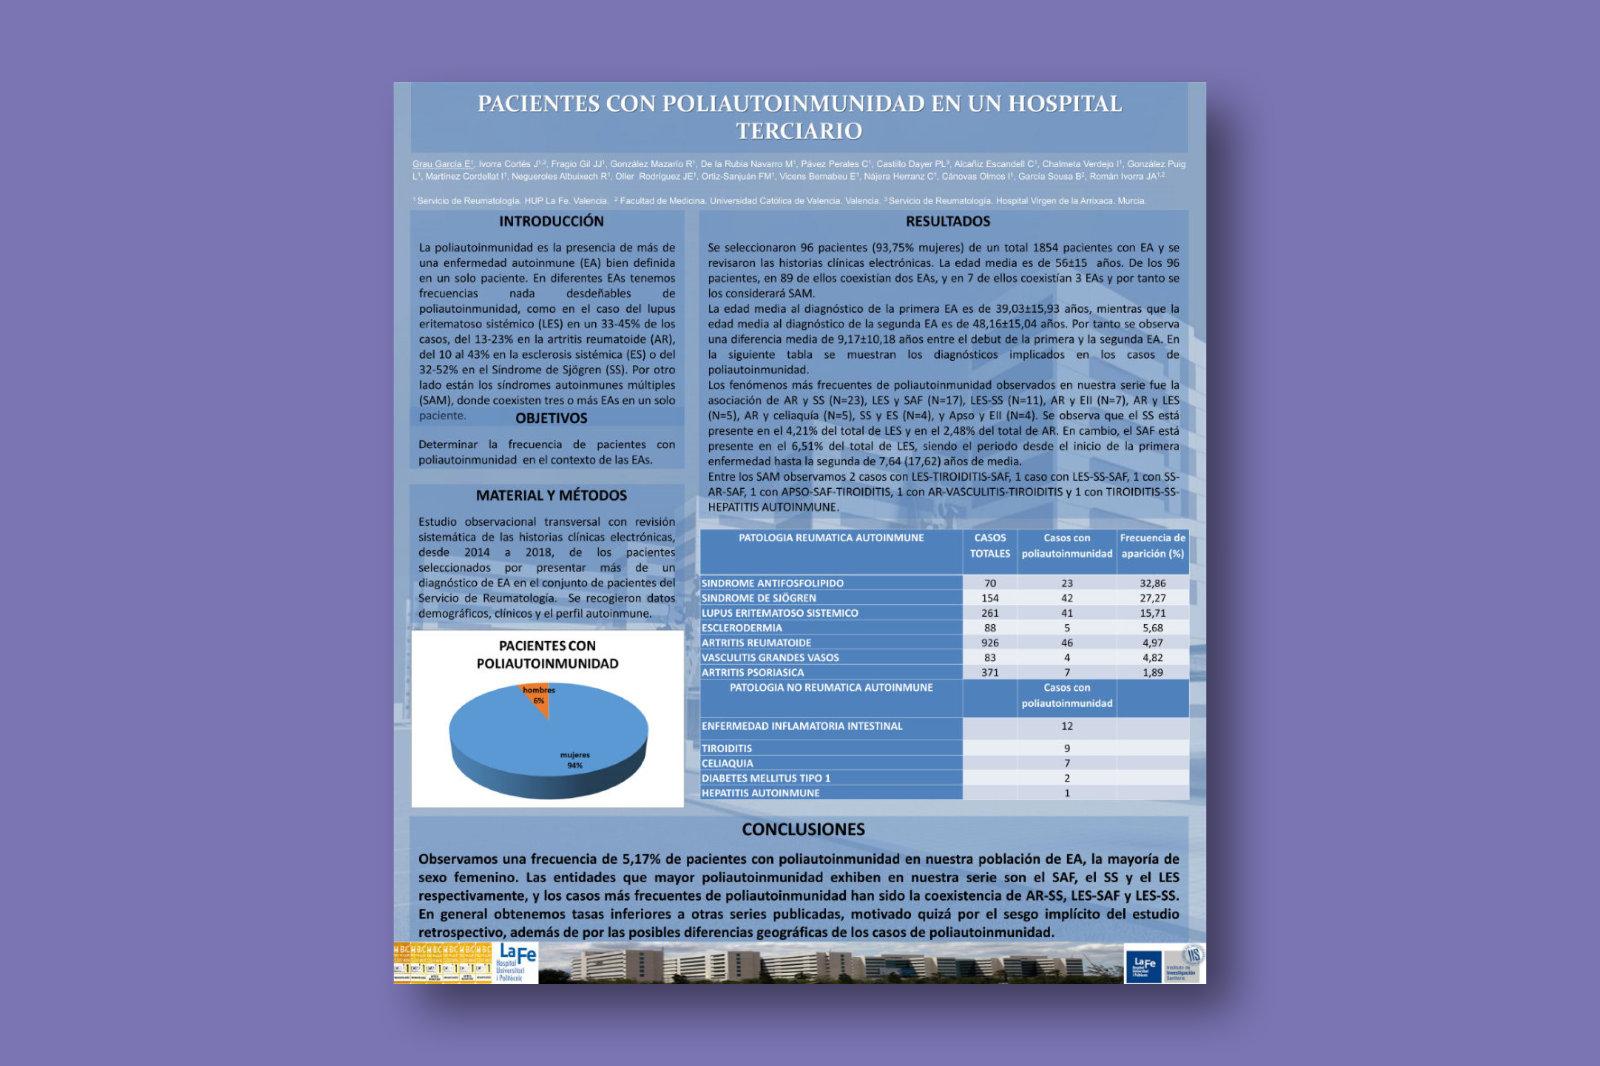 Pacientes con poliautoinmunidad en un hospital terciario